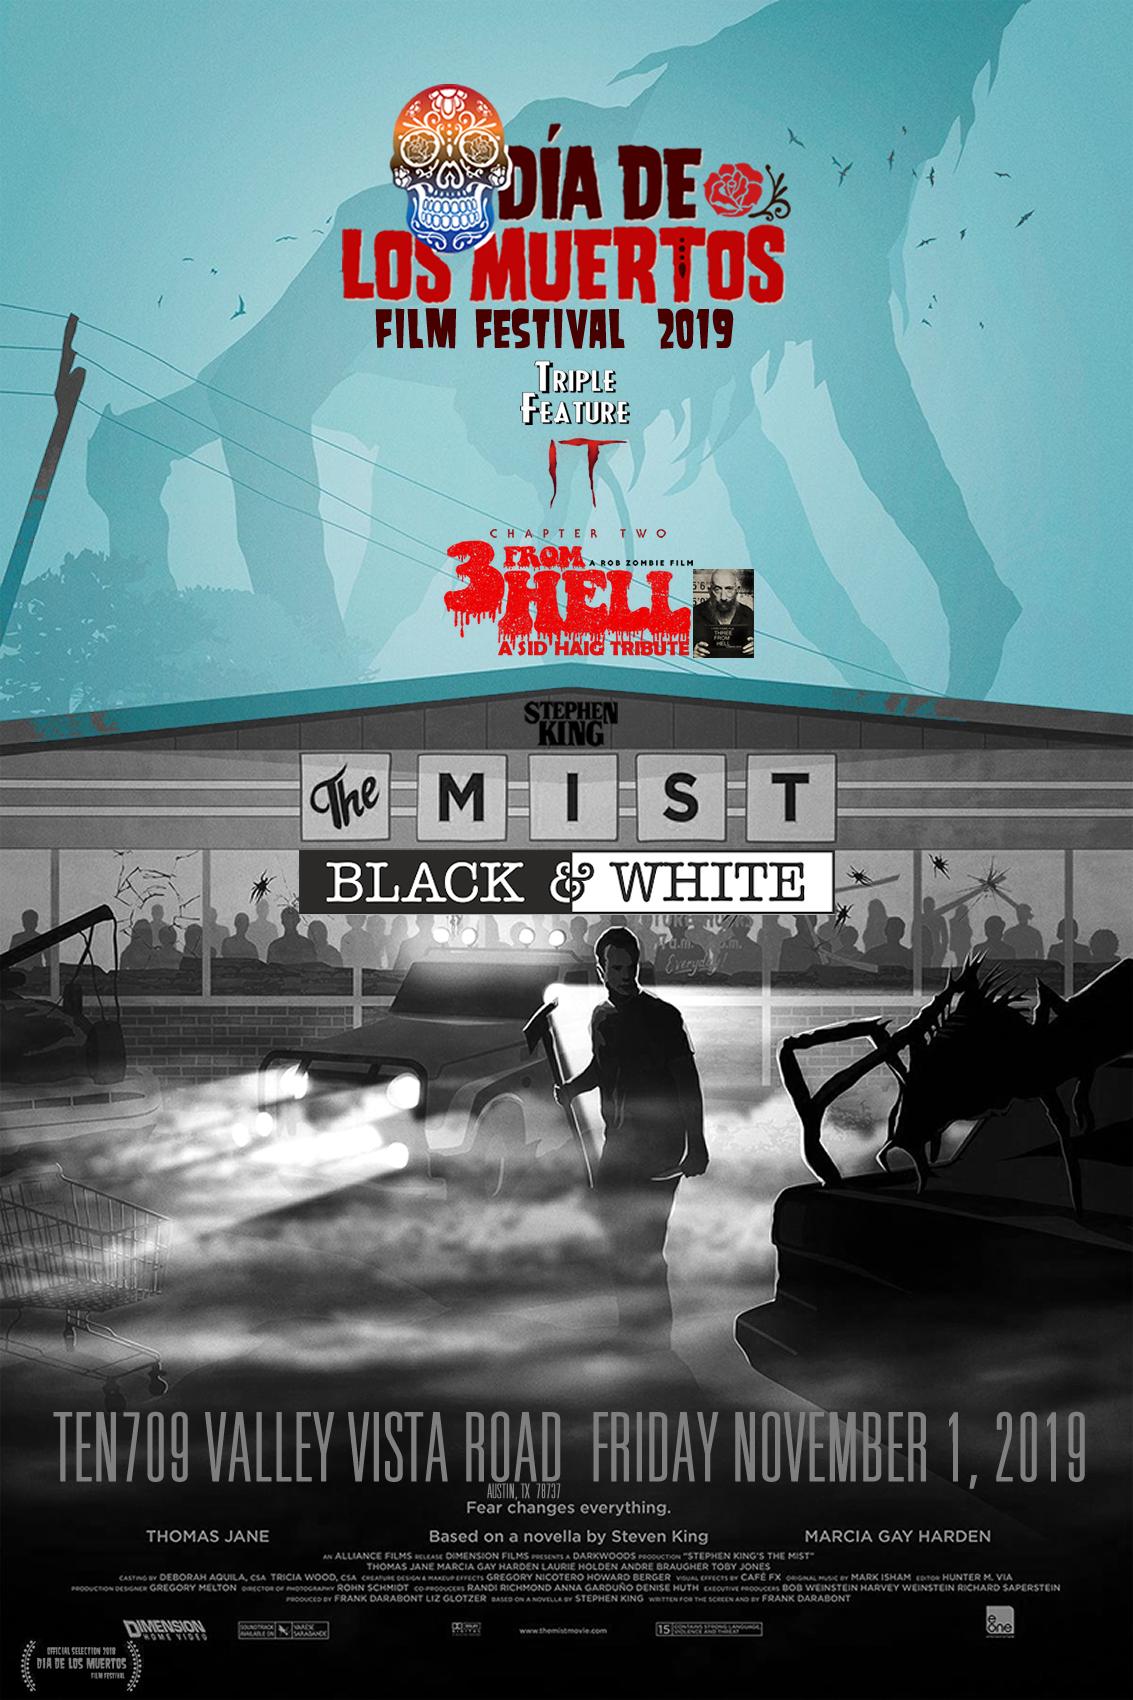 Dia de los Muertos Film Festival 2019